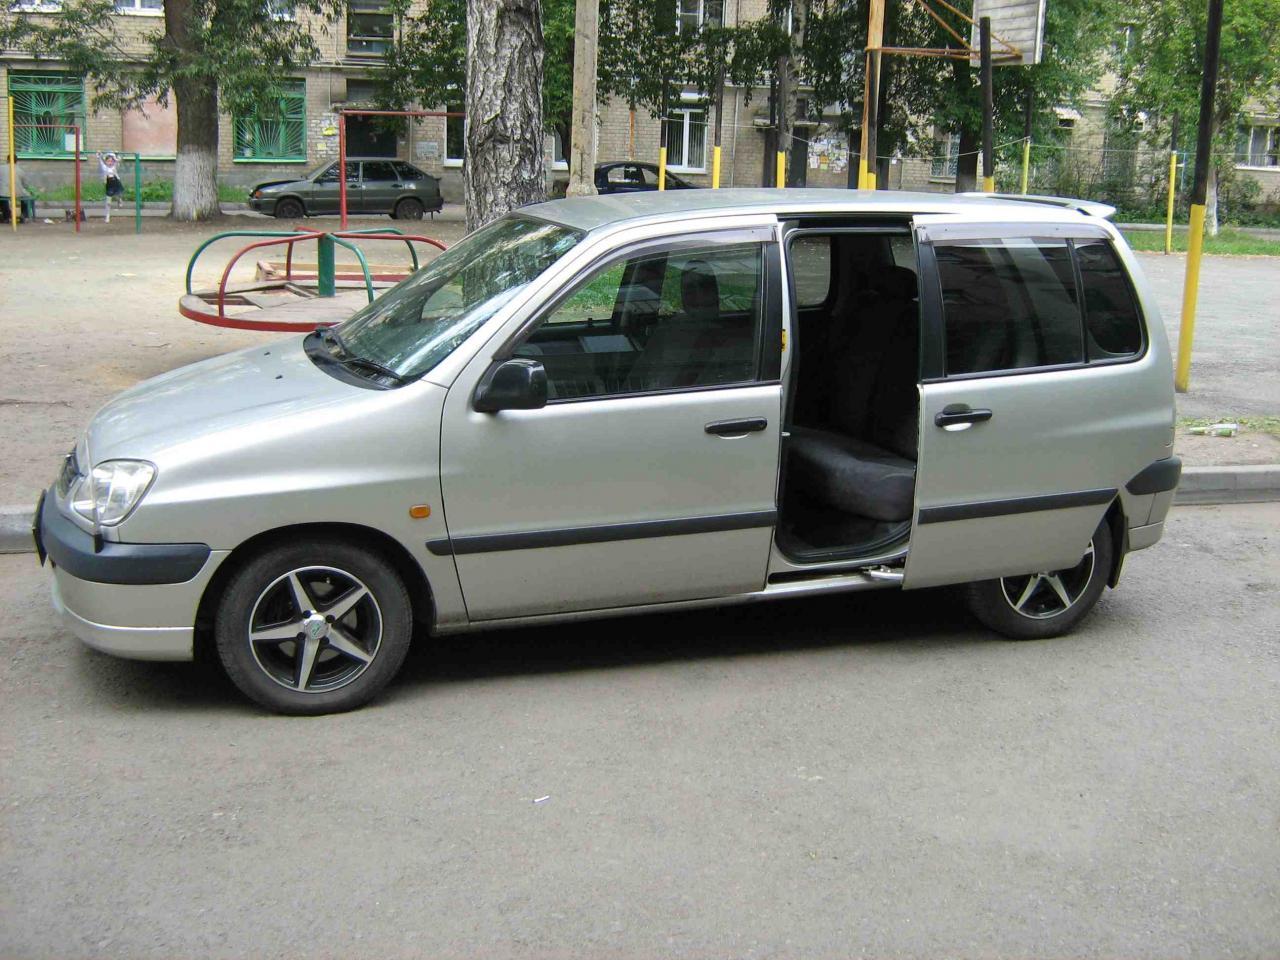 Лобовое стекло Toyota Raum. Продажа и замена в Уфе.